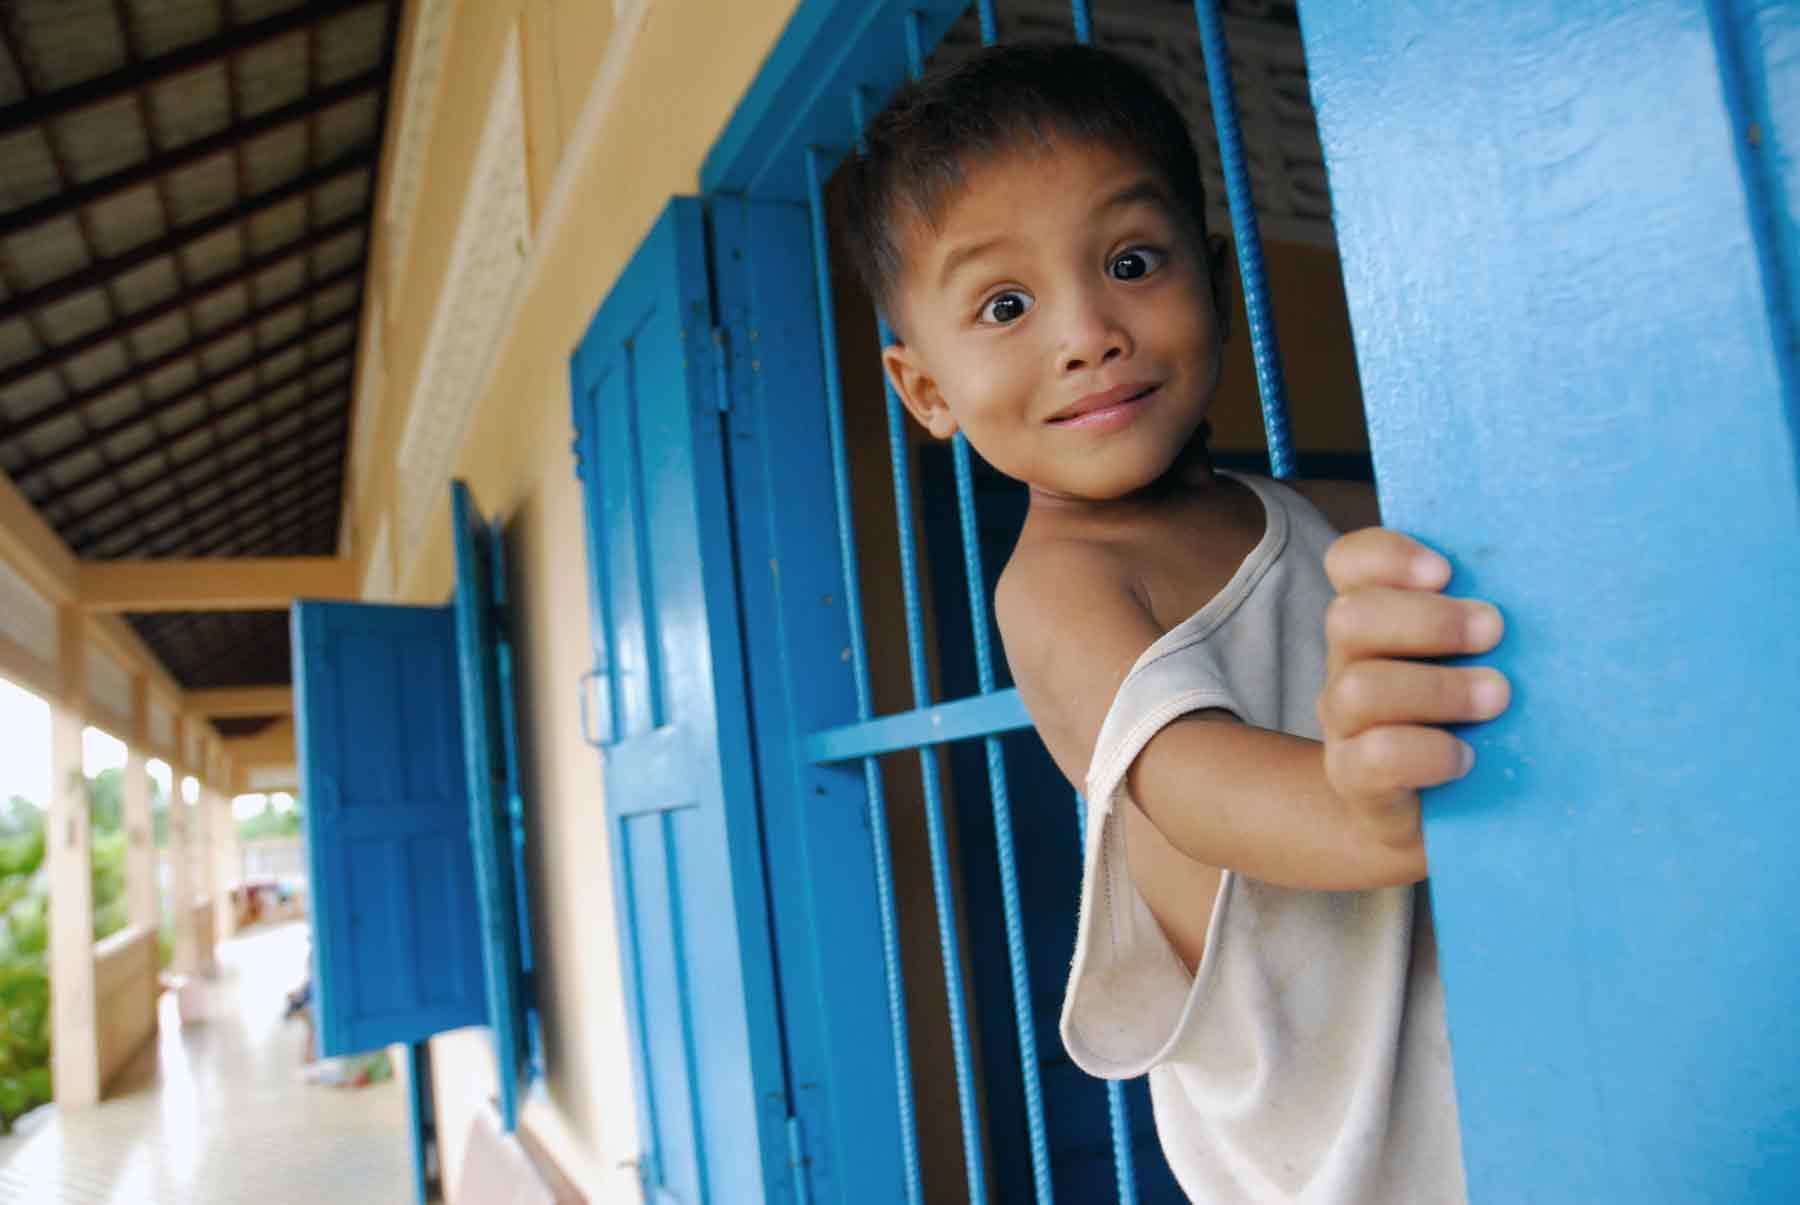 Petit garçon cambodgien vivant sous la protection de l'ONG AVEC au Cambodge